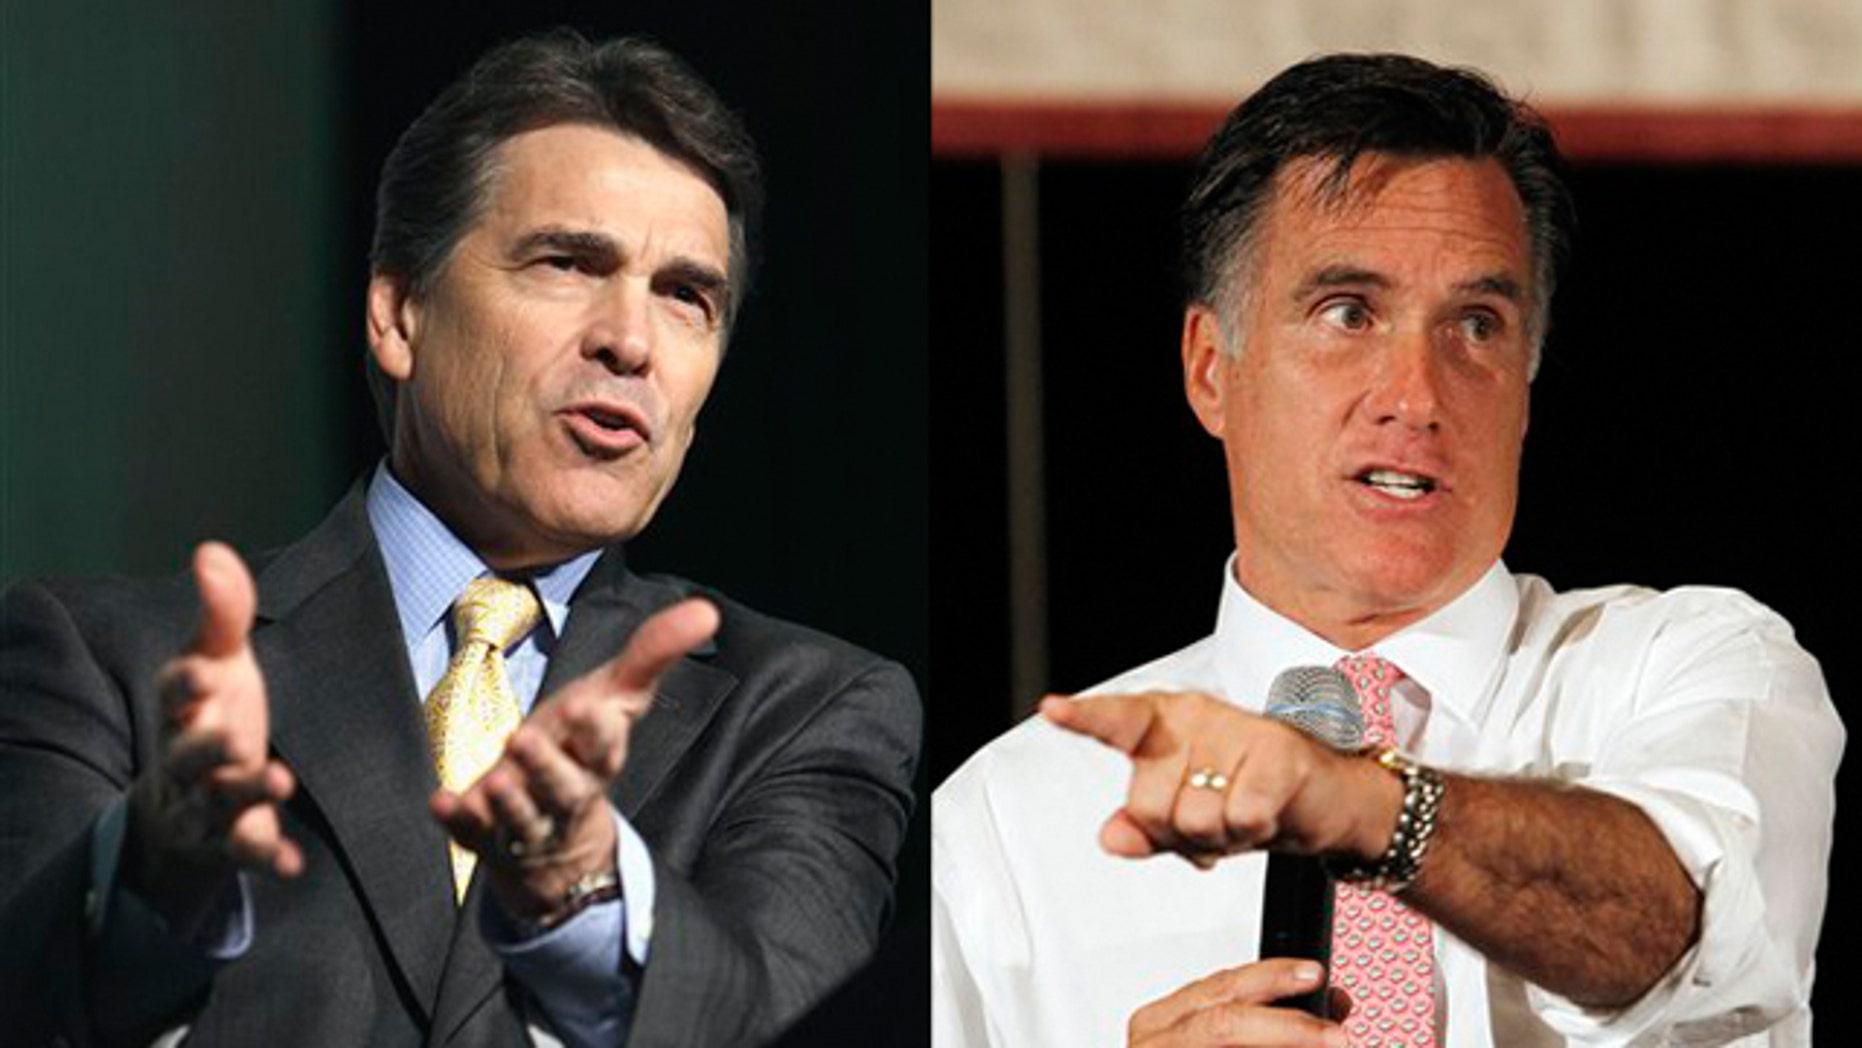 Shown here are Texas Gov. Rick Perry, left, and former Massachusetts Gov. Mitt Romney.